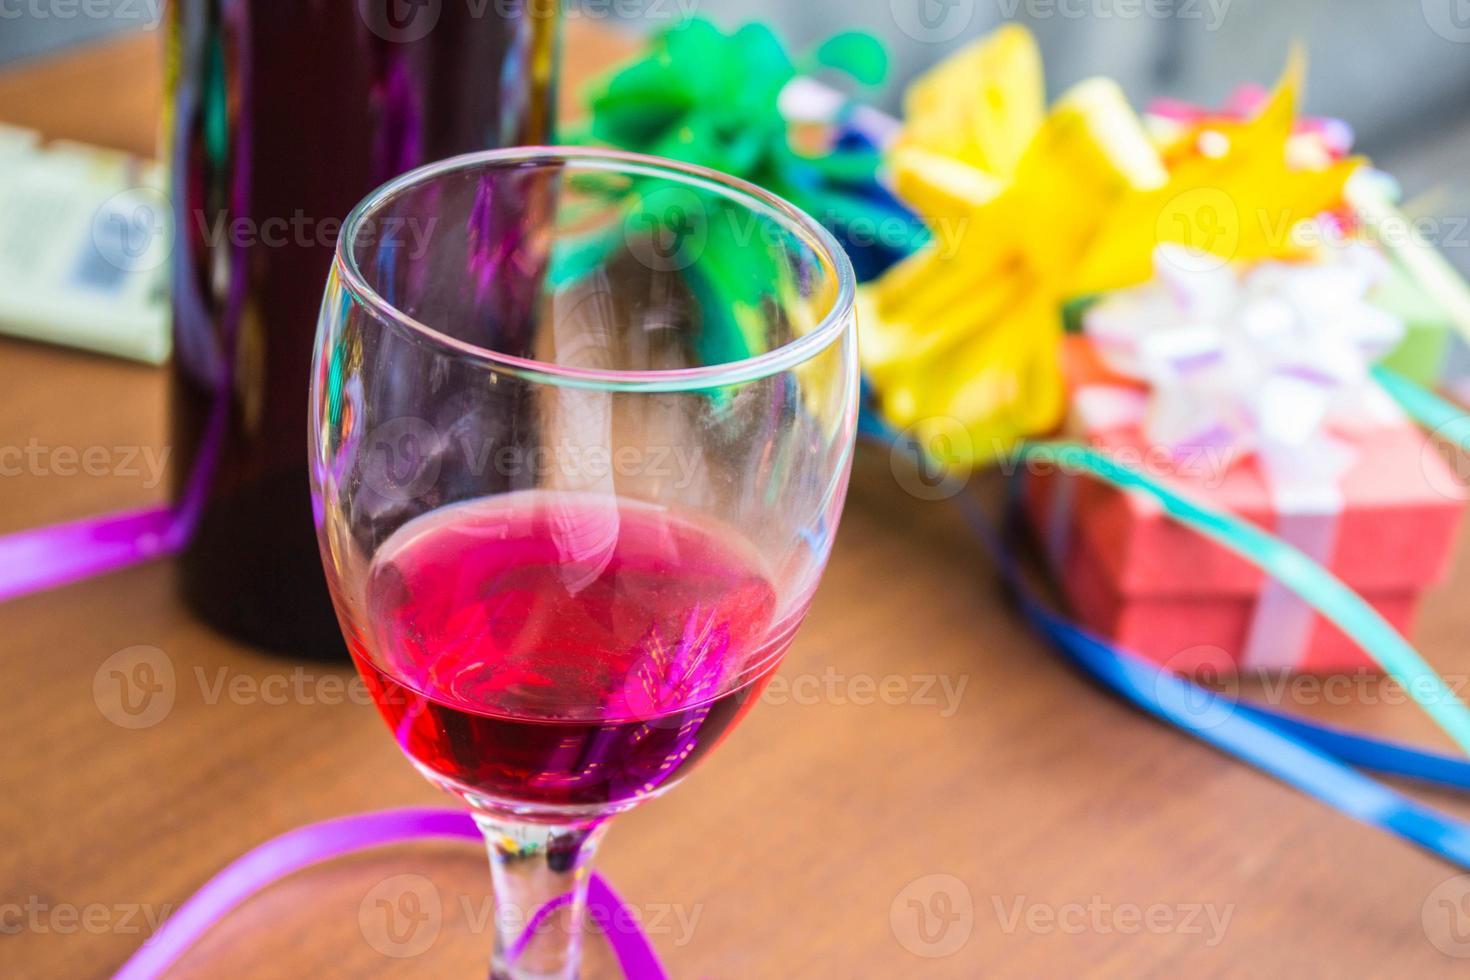 glas exotische drank foto